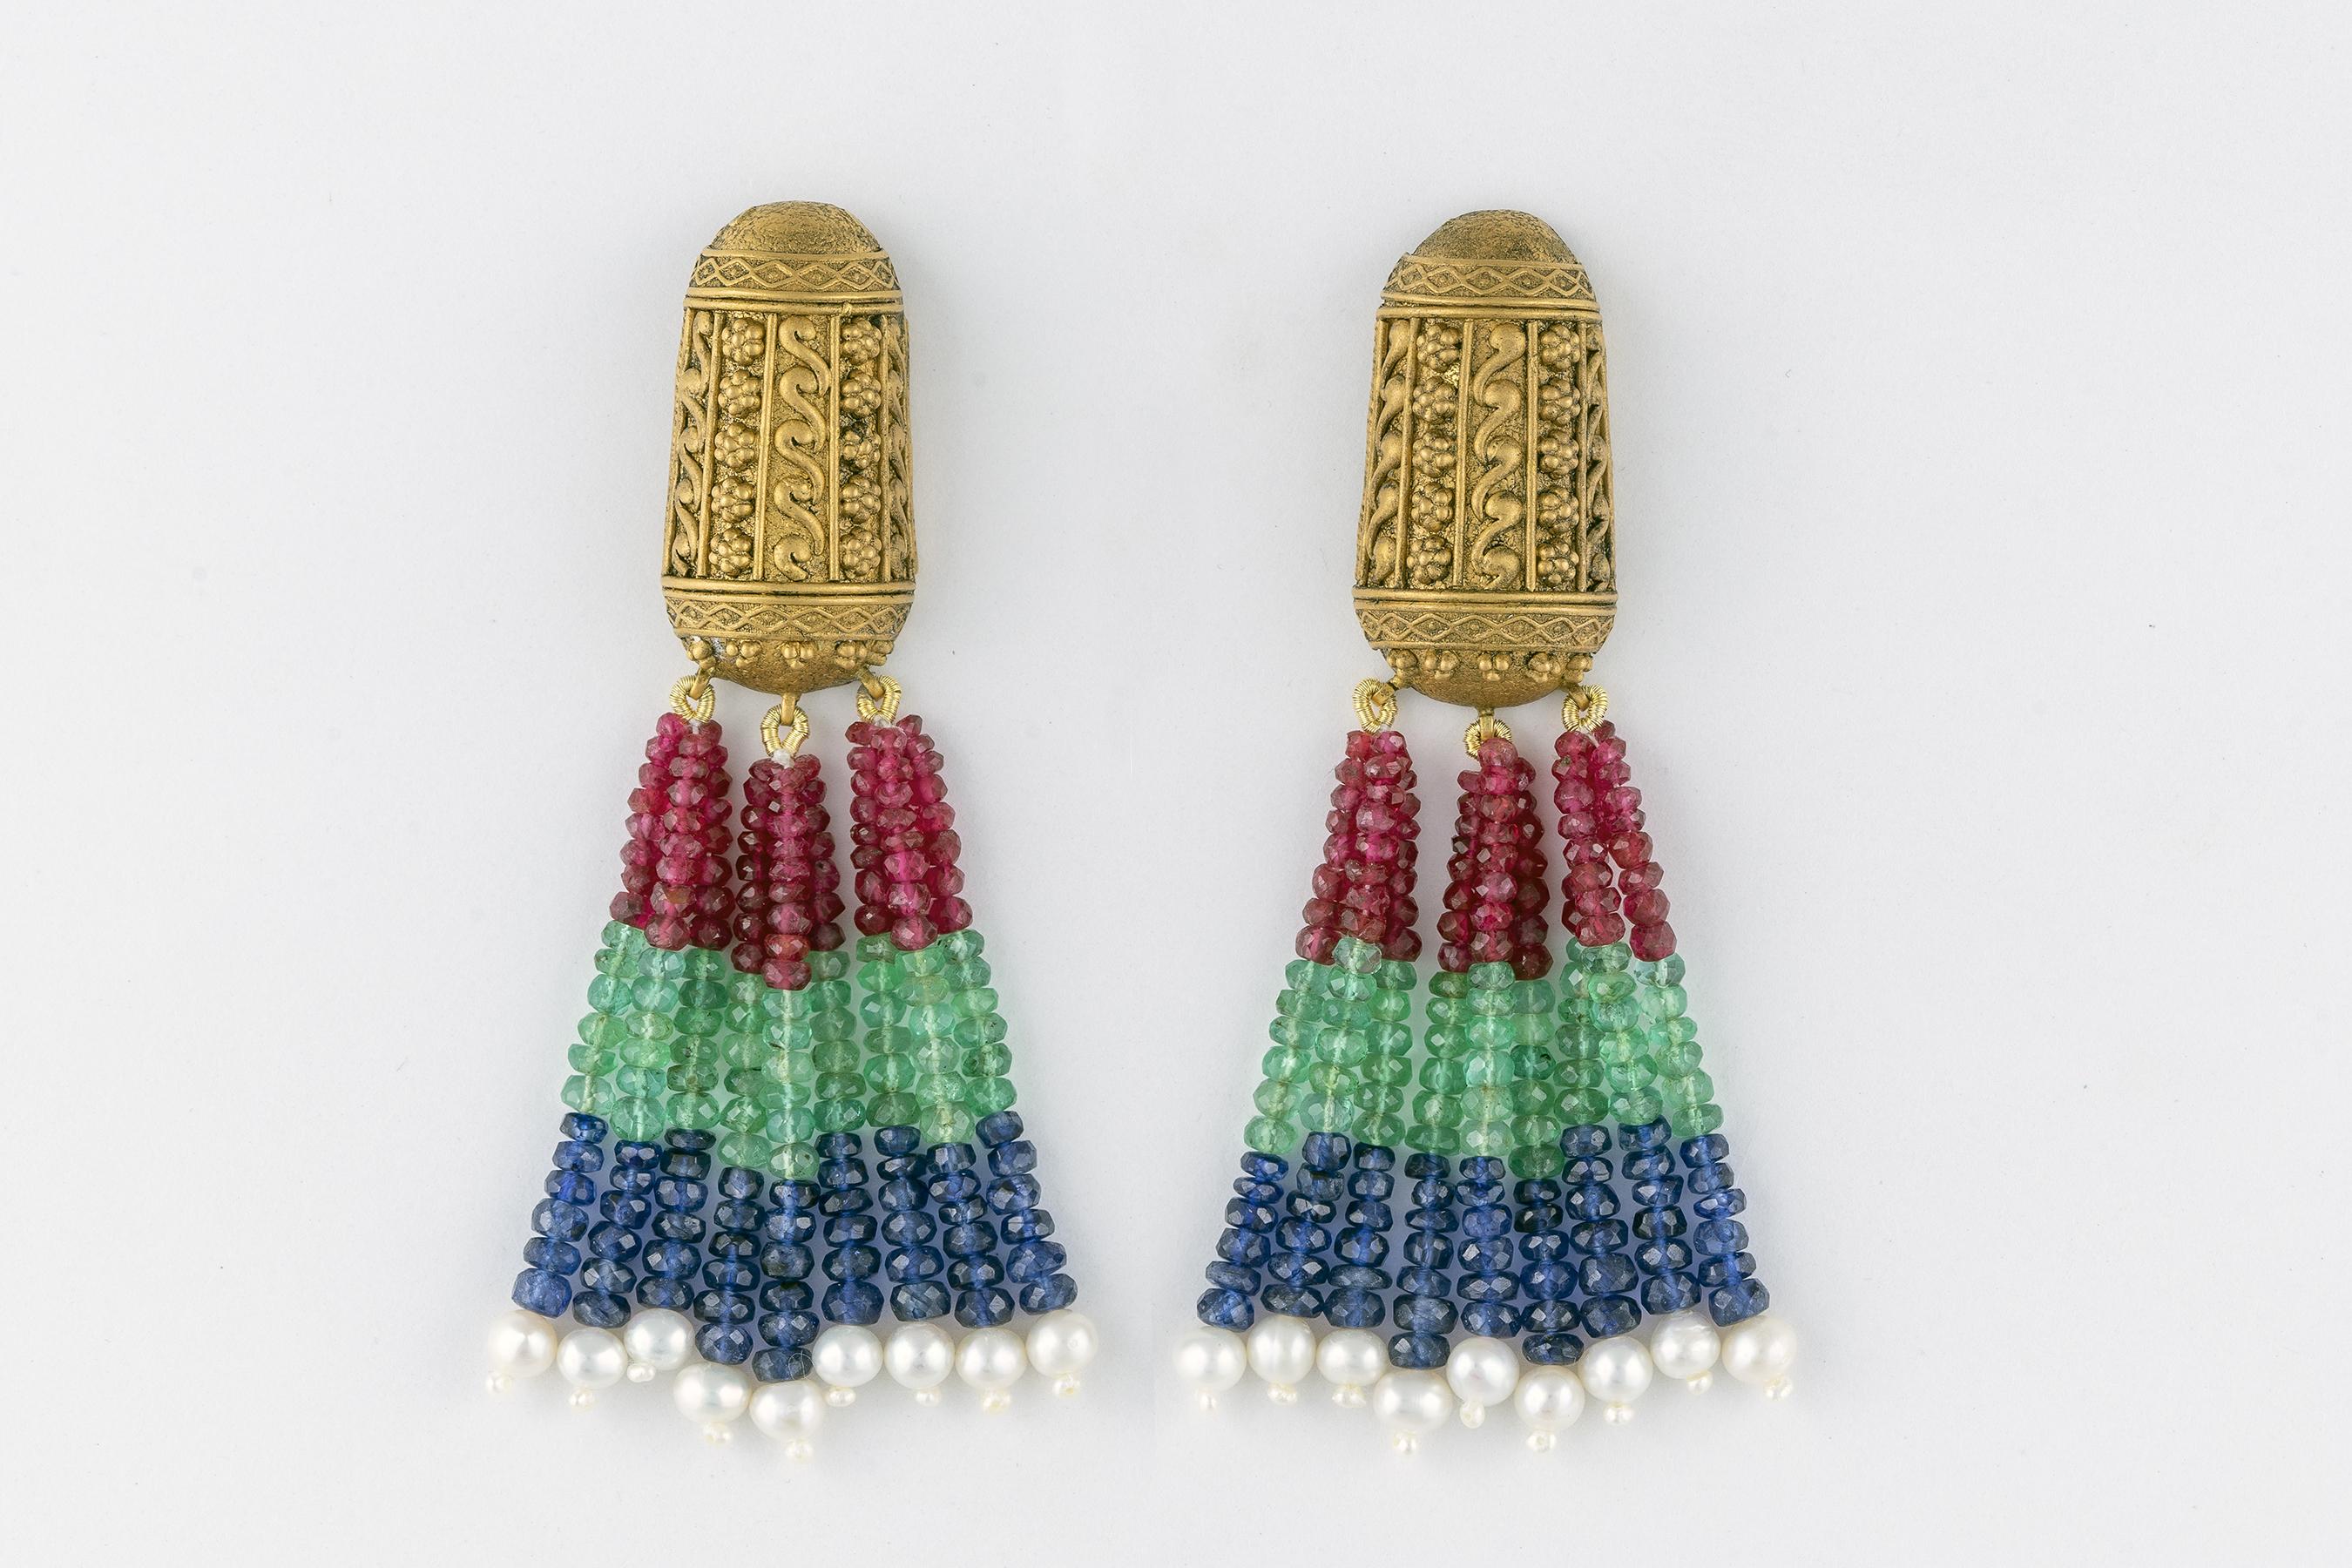 Earrings-R Narayan Jewellers-2